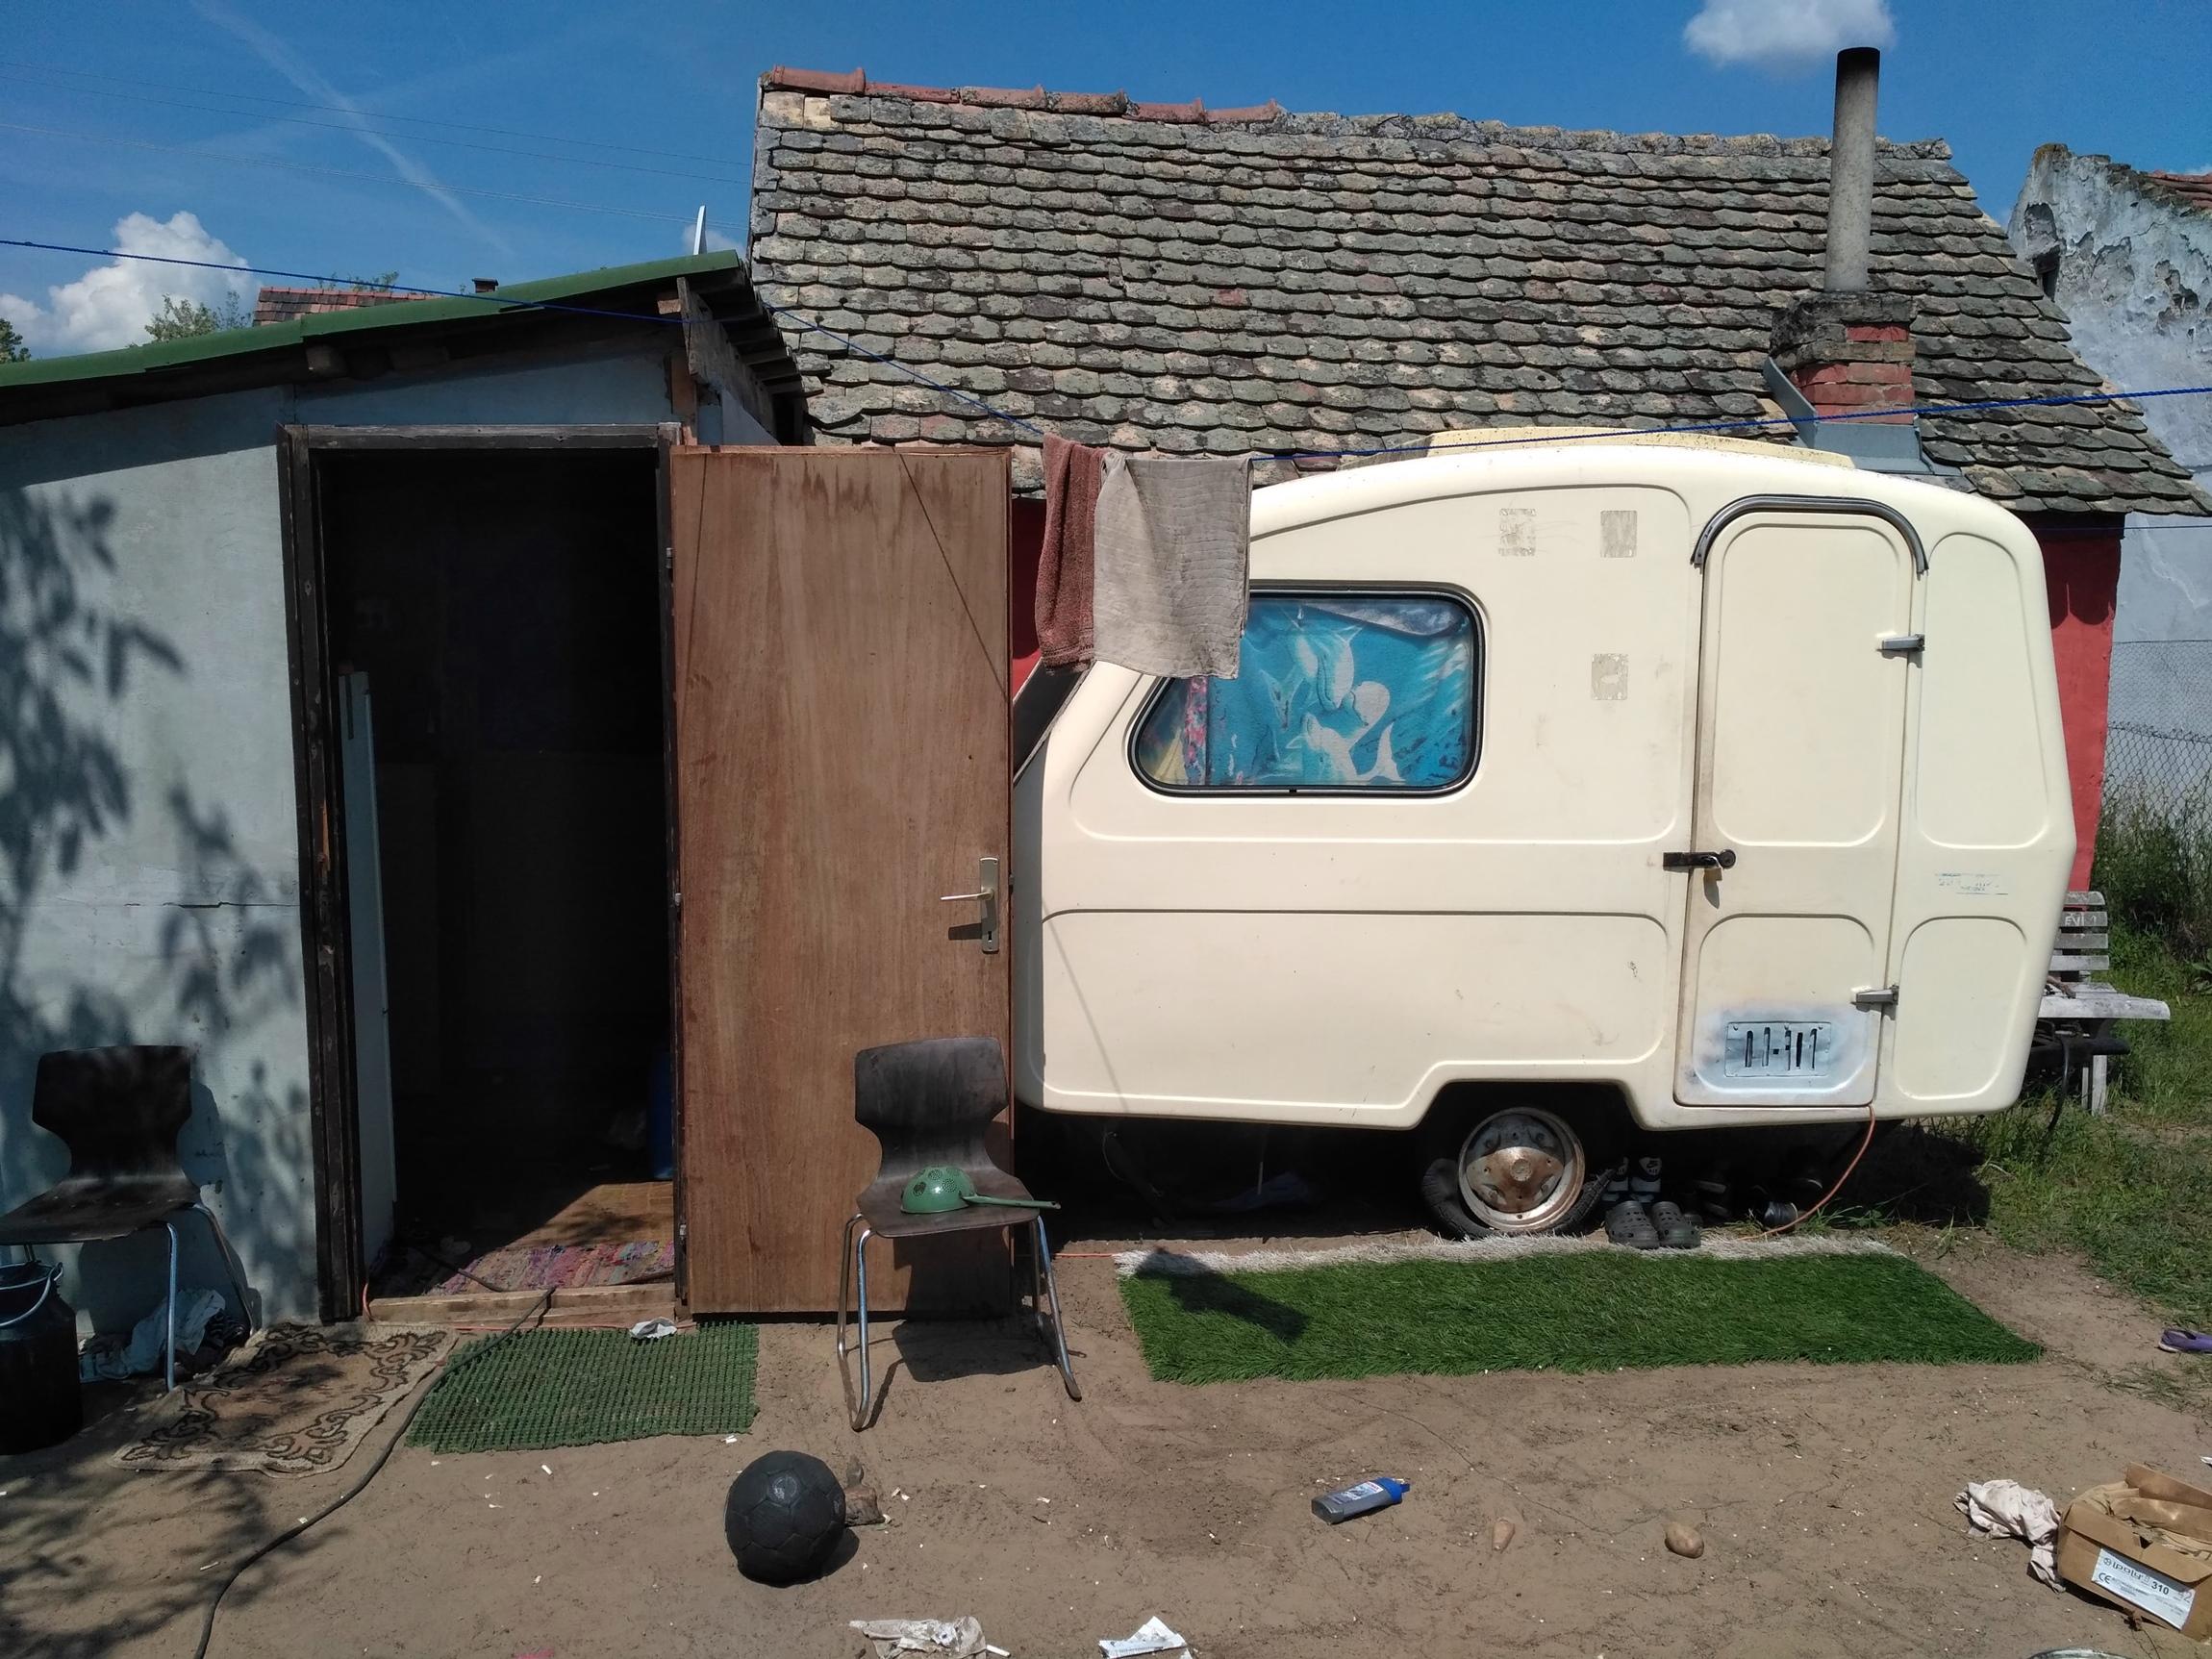 Egy kis, műfűhatású szőnyeget is tett a lopott lakókocsija elé